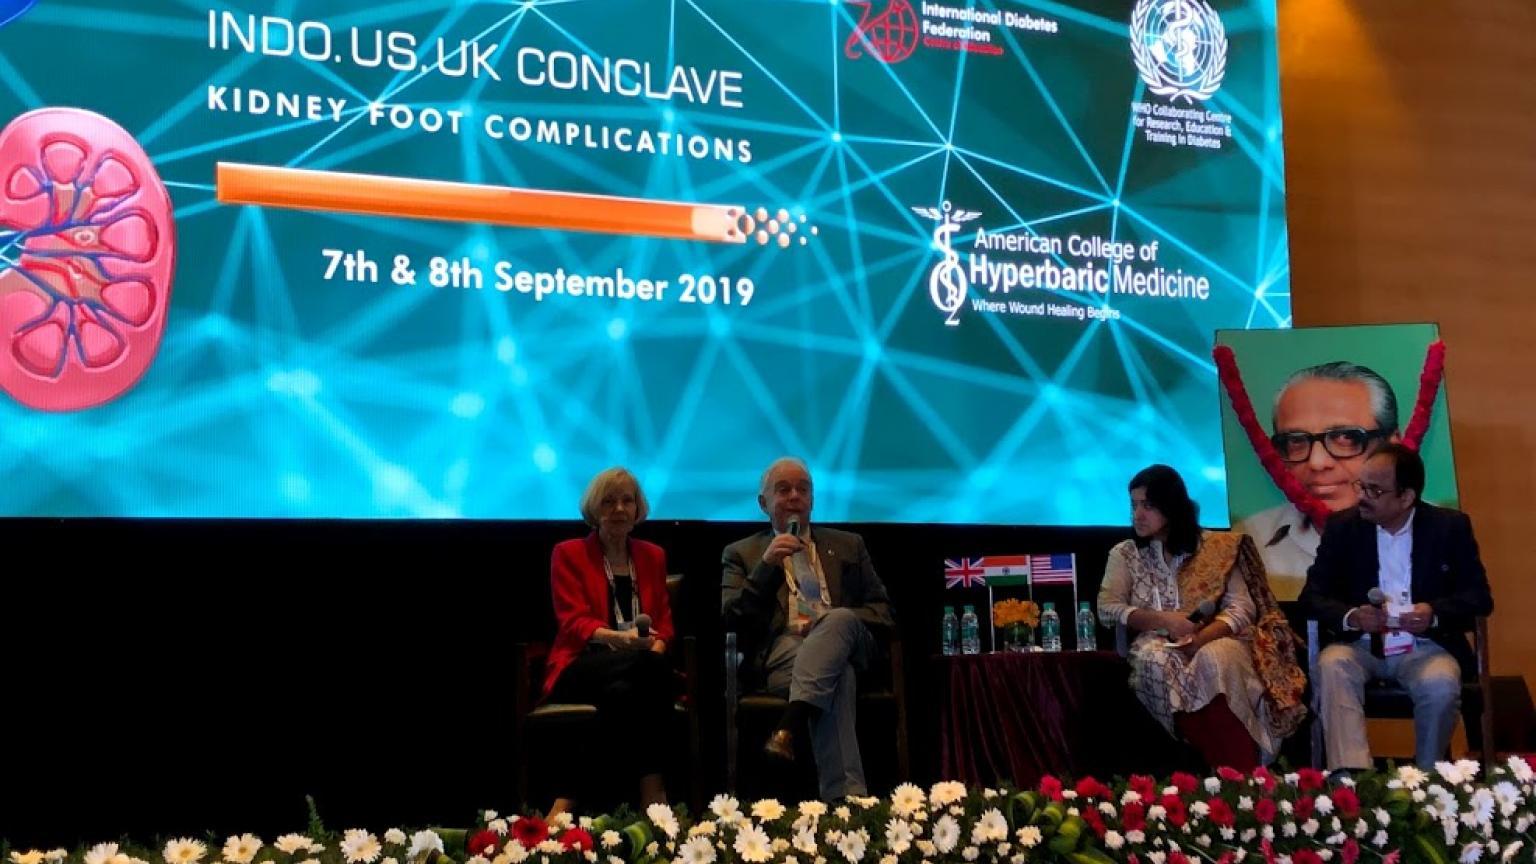 Dr. Feldman Keynote Speaker at 2019 Indo U.S. U.K. Conclave